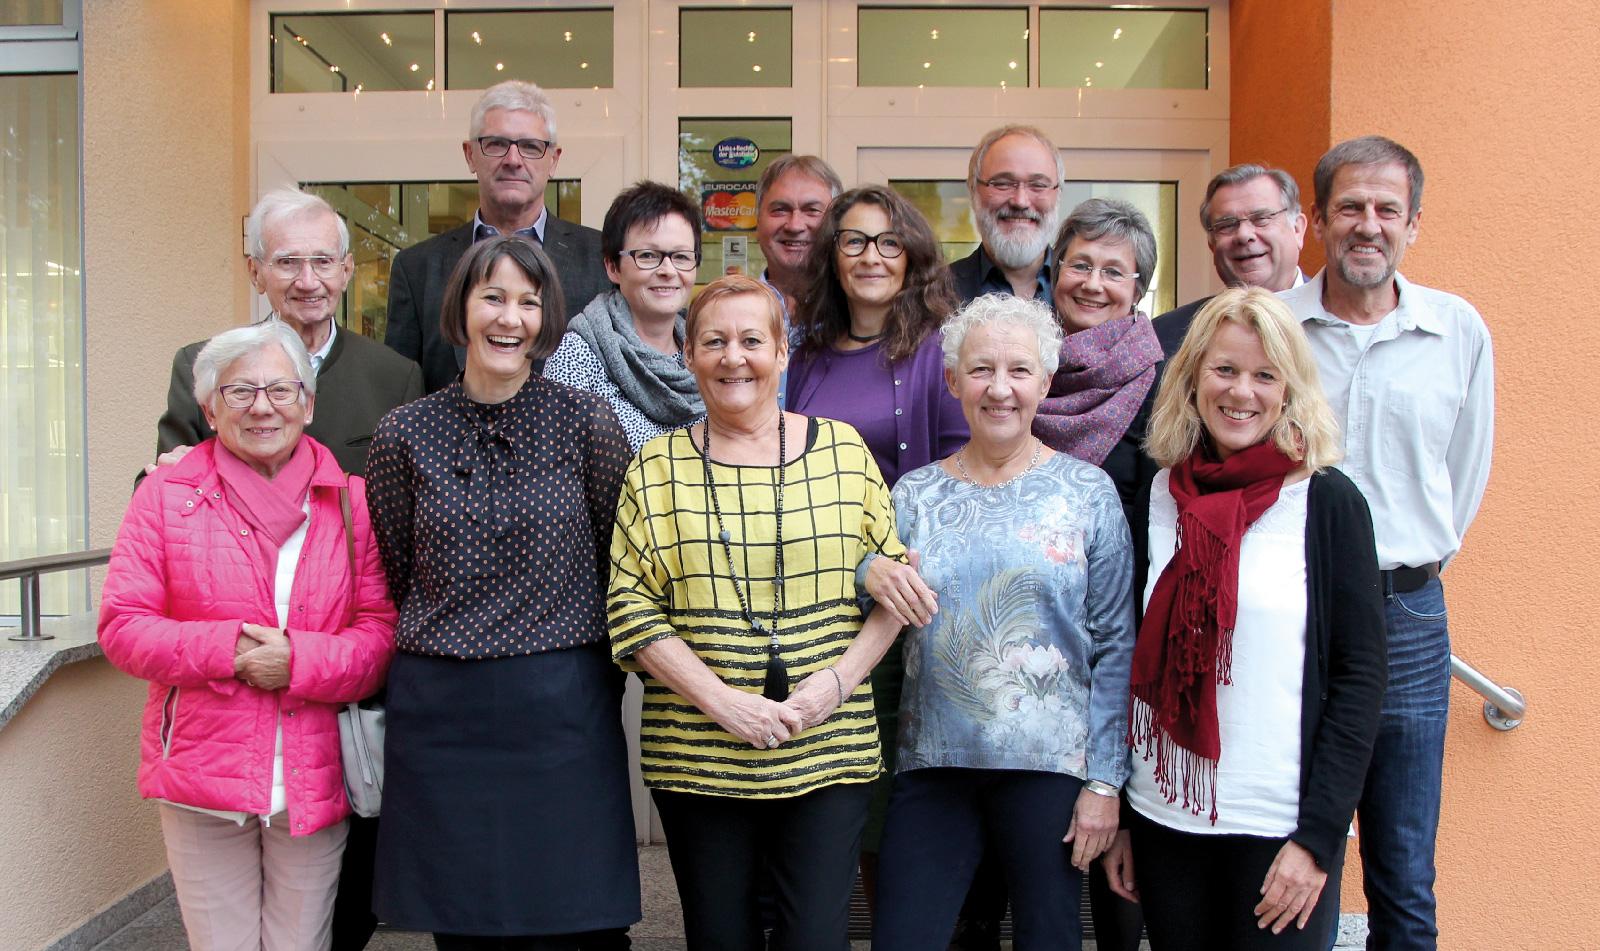 Betriebstreue steht bei der Lebenshilfe Nürnberger Land seit je her hoch im Kurs.Vorstand zeichnete Mitarbeiter für 25 und 30 Dienstjahre aus.